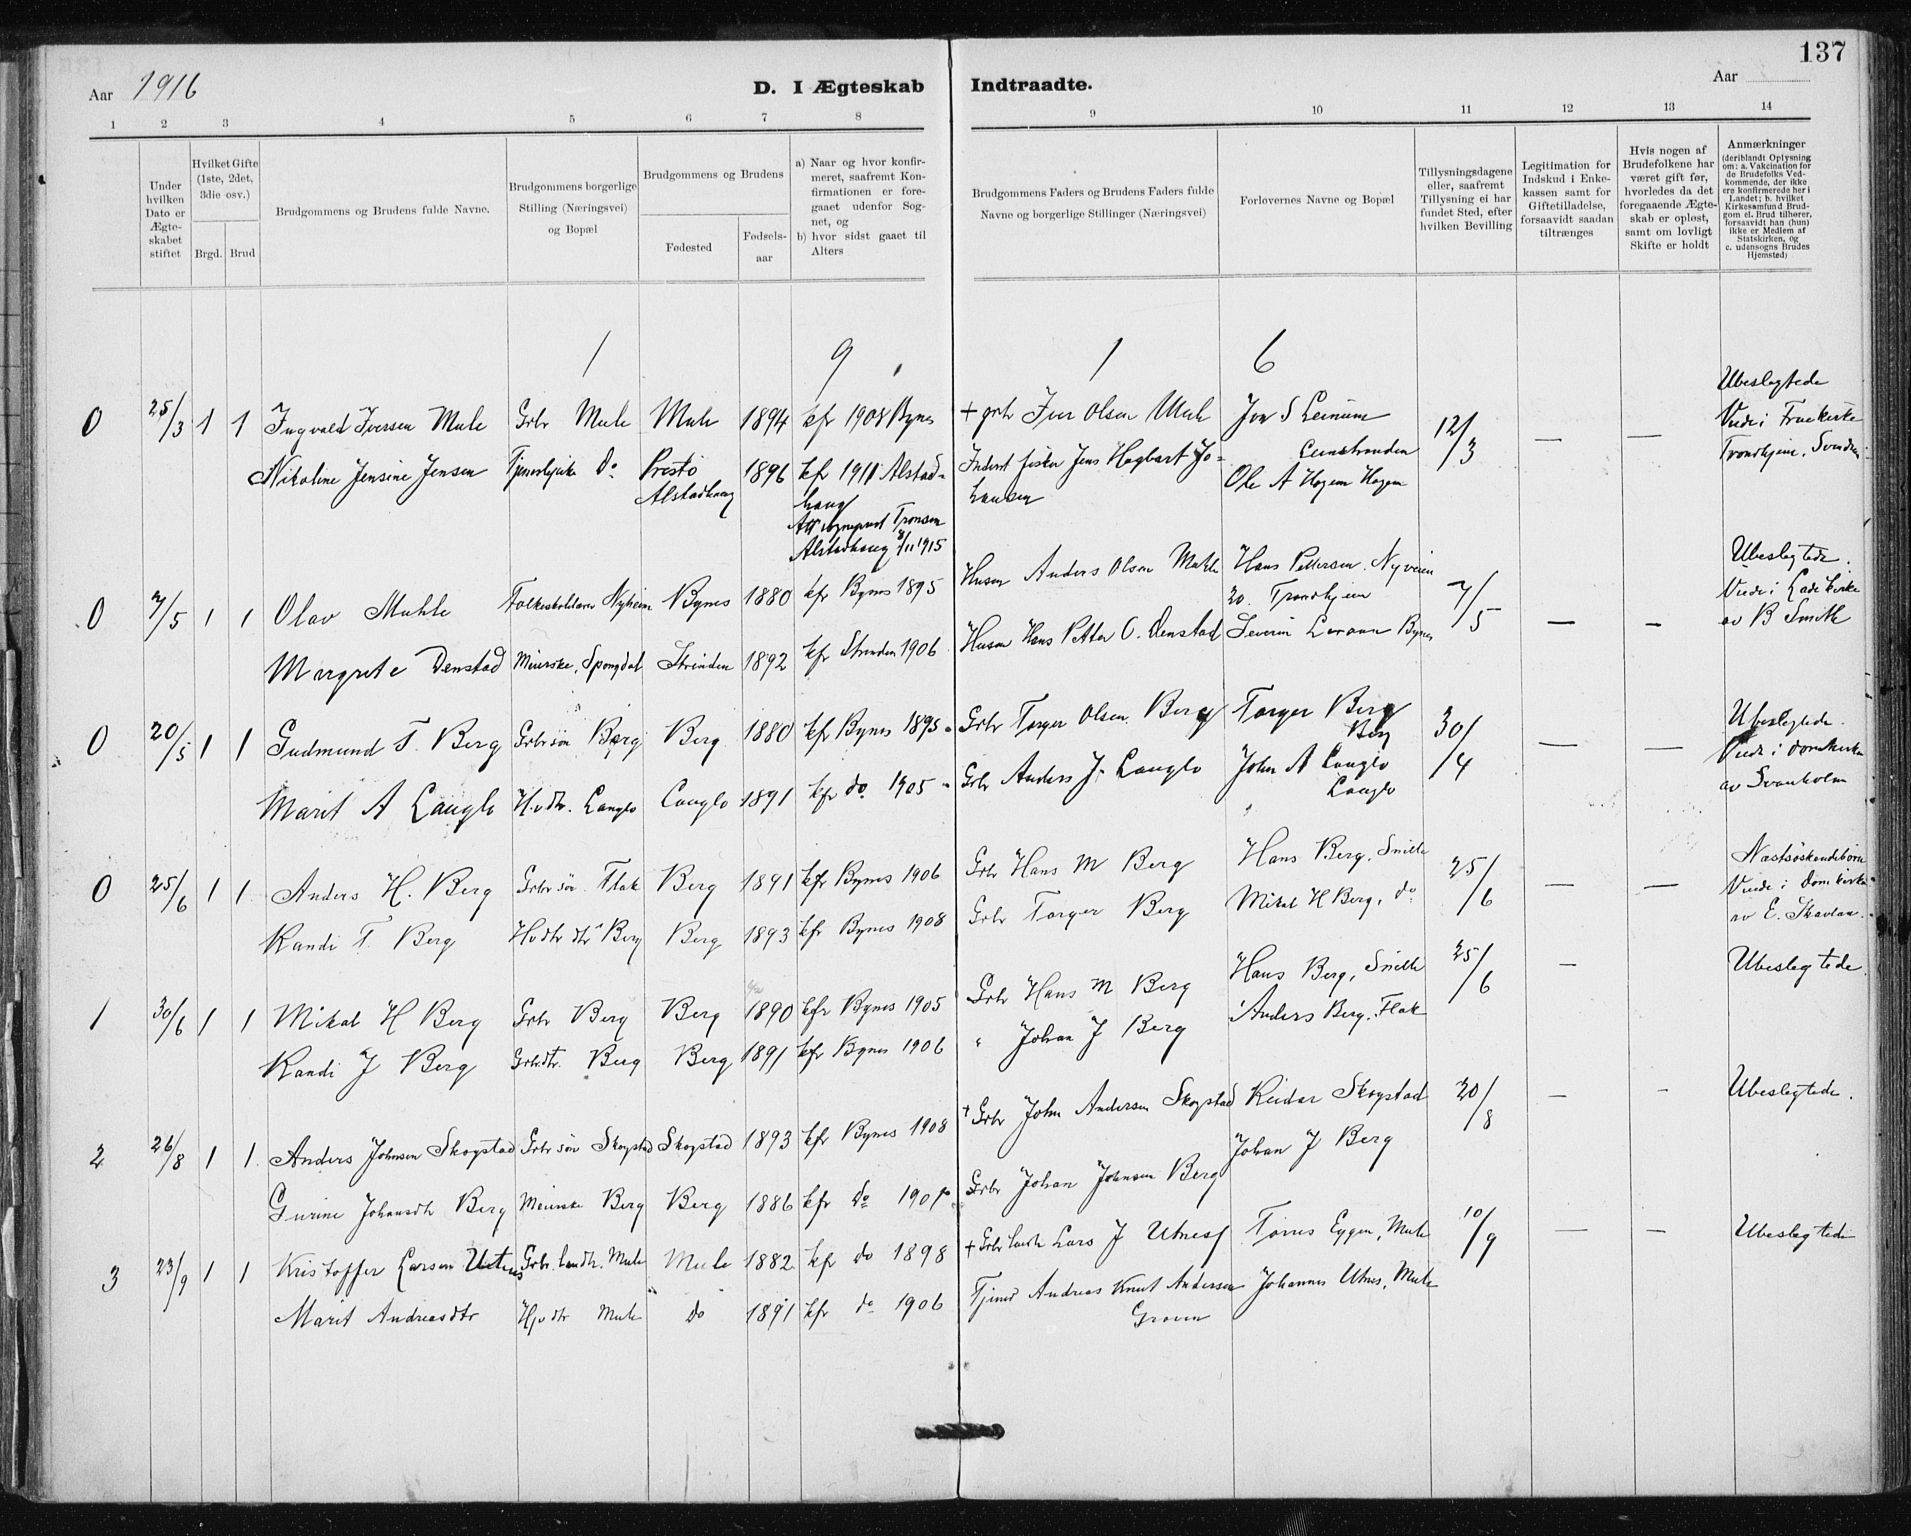 SAT, Ministerialprotokoller, klokkerbøker og fødselsregistre - Sør-Trøndelag, 612/L0381: Ministerialbok nr. 612A13, 1907-1923, s. 137